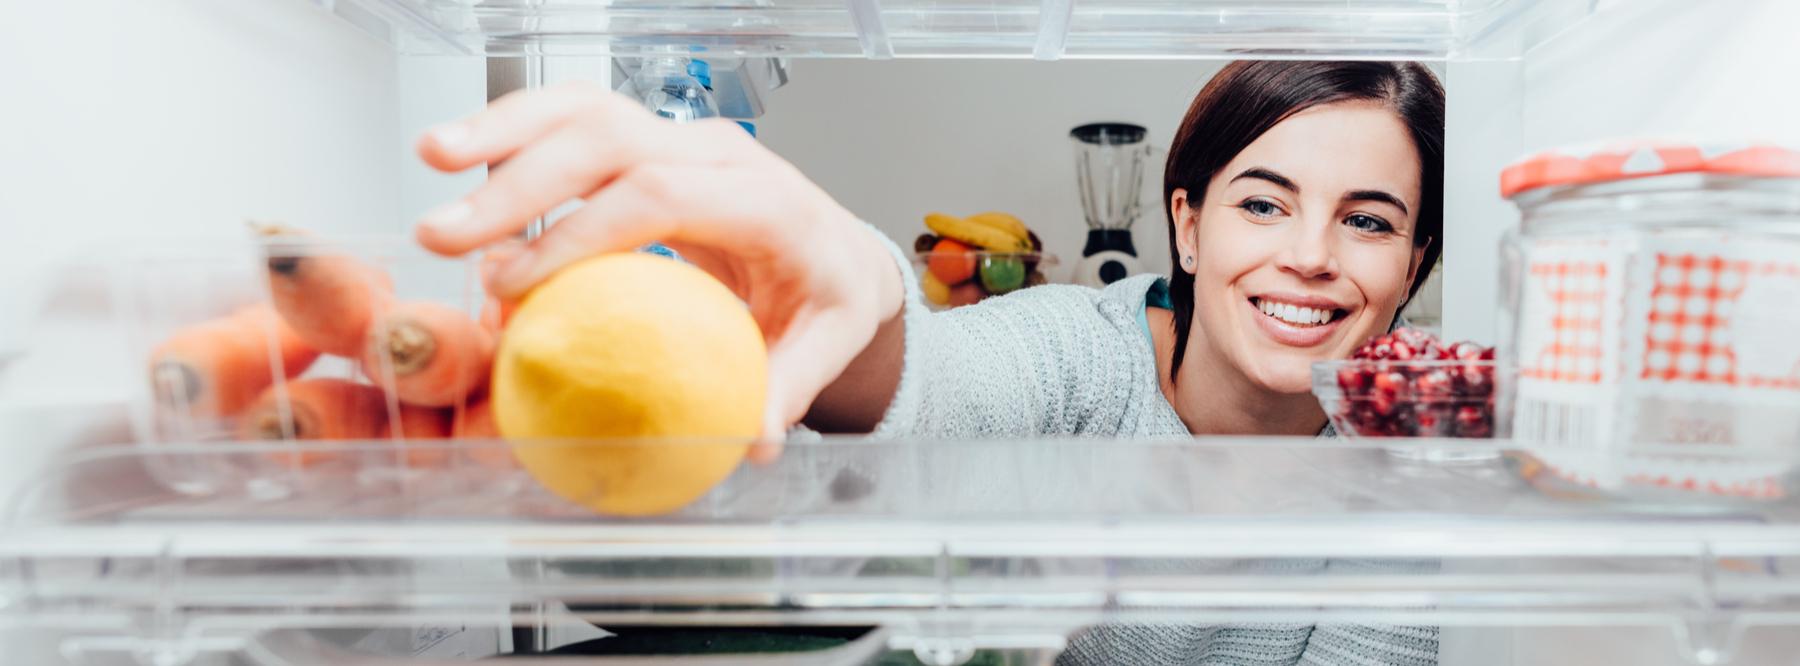 כך תוכלו להאריך את חיי המדף של מוצרי המזון שלכם